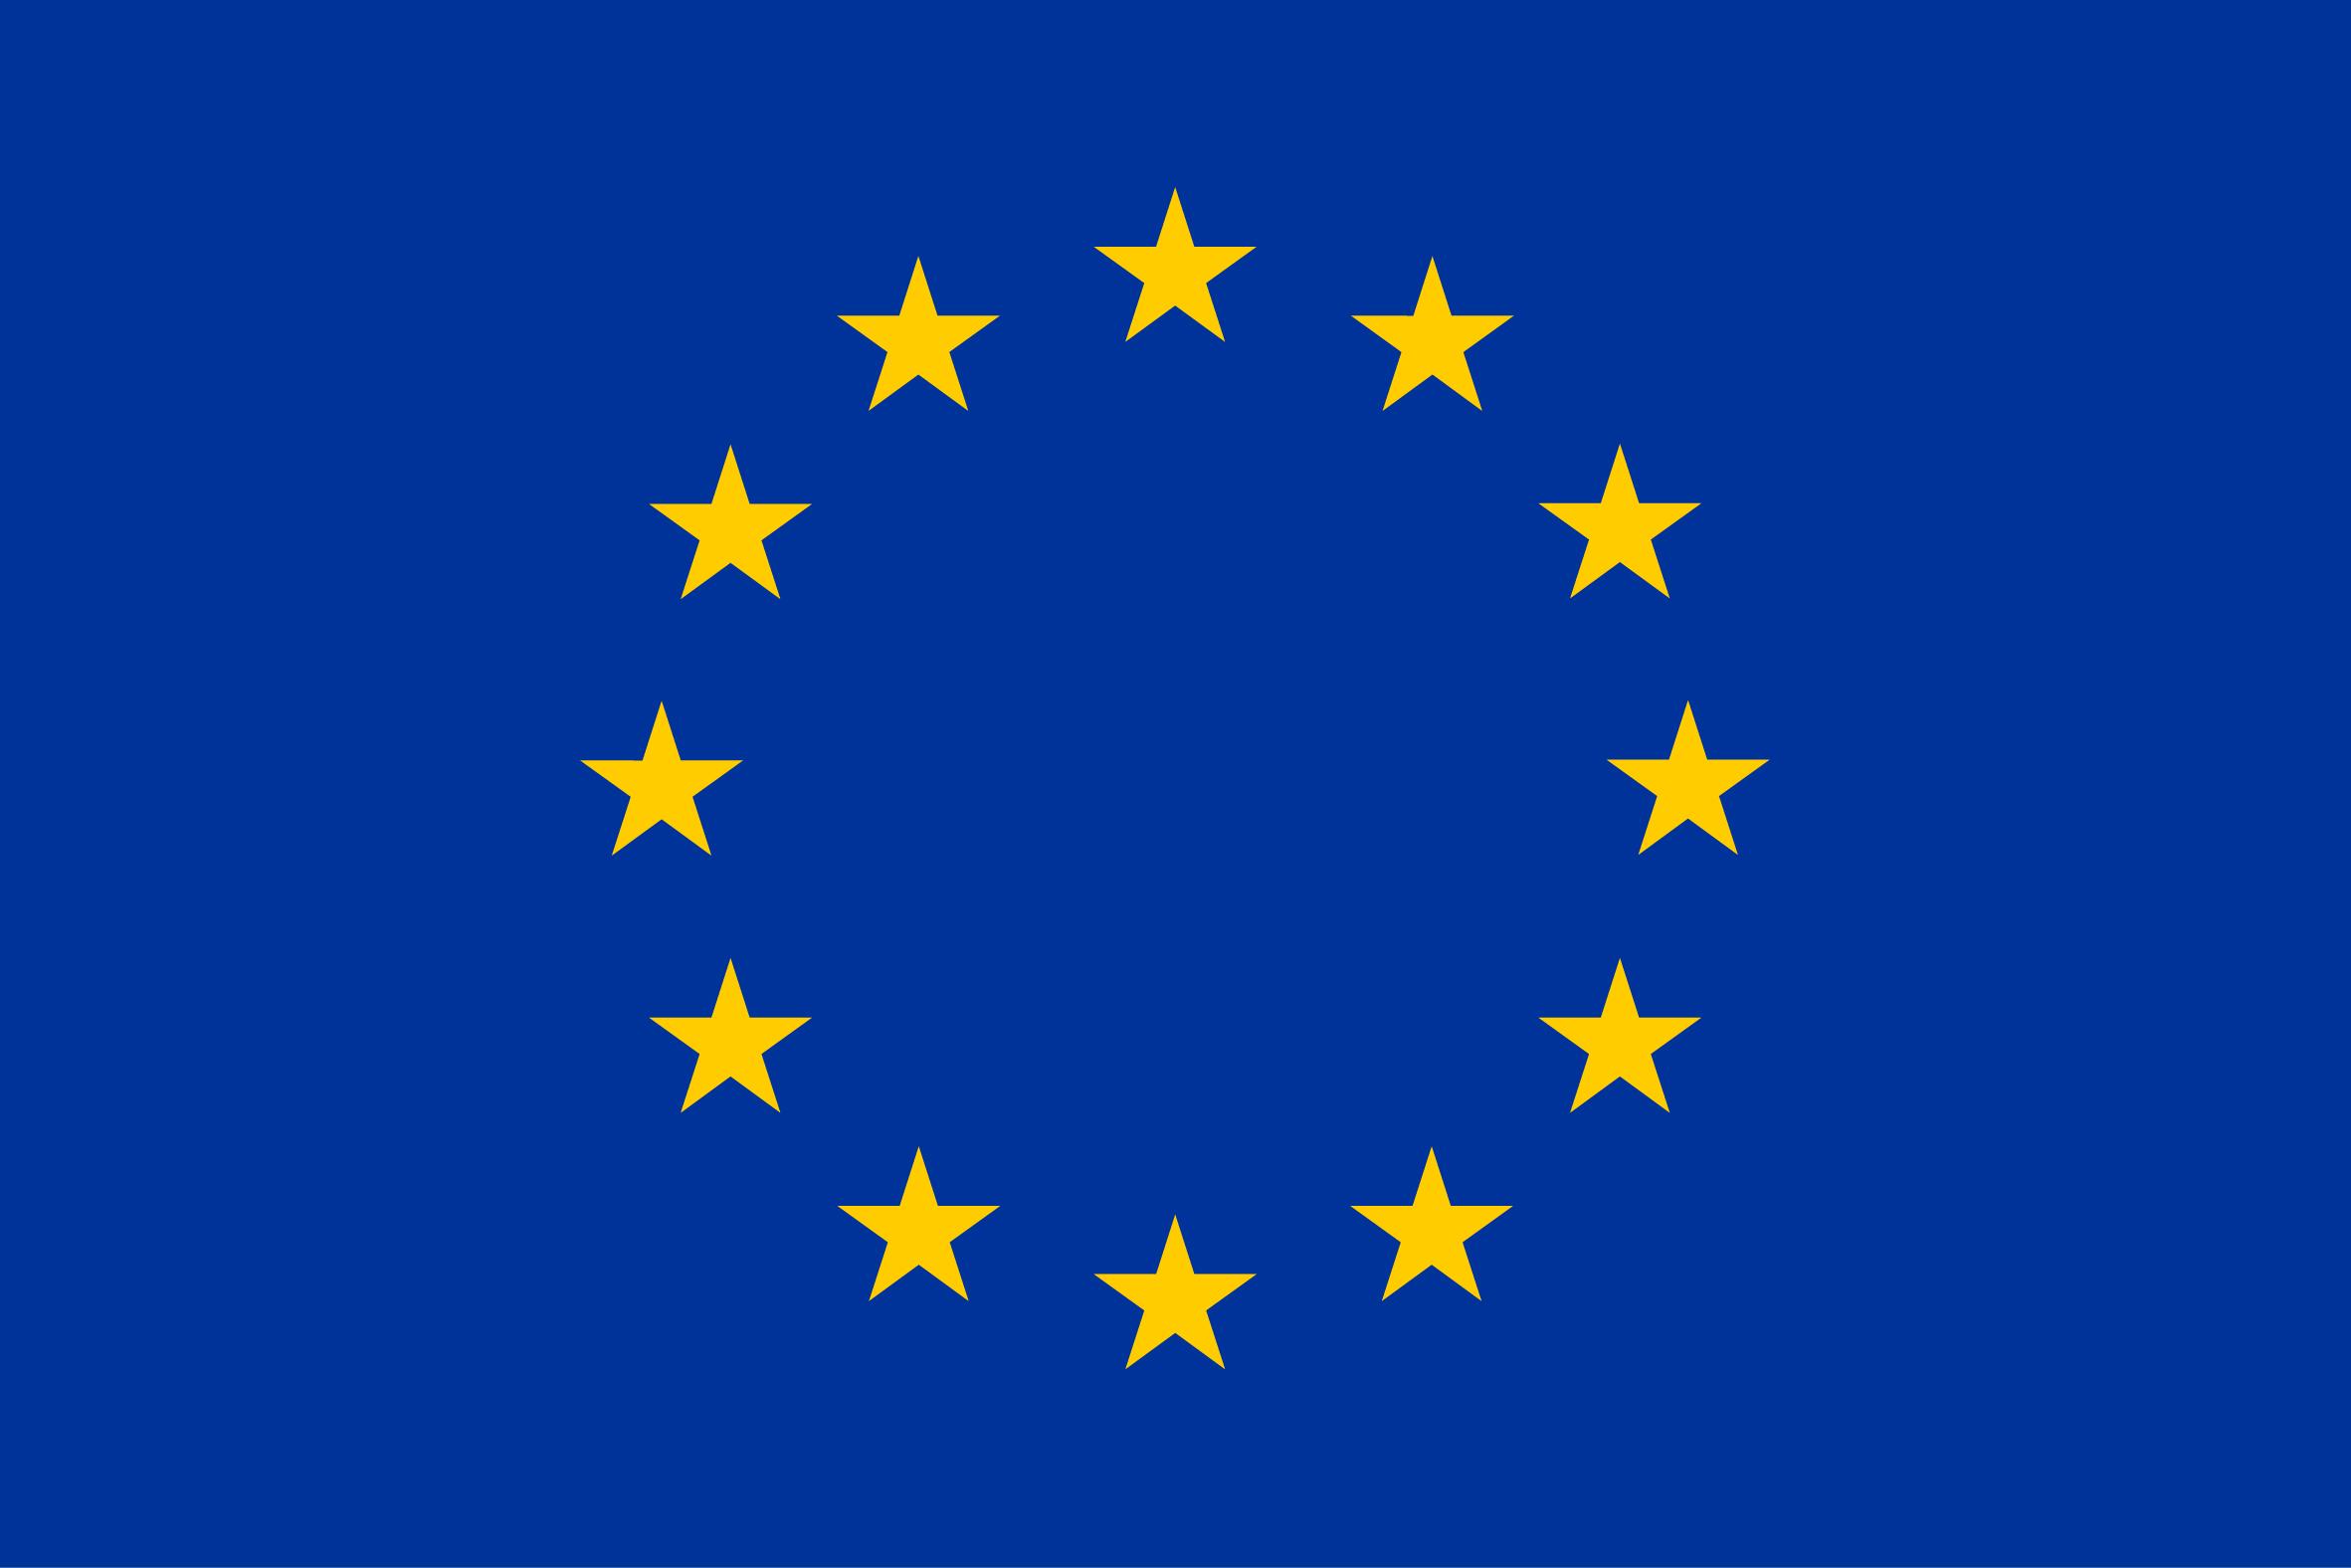 Durchschnittseinkommen Europa/EU/Eurozone